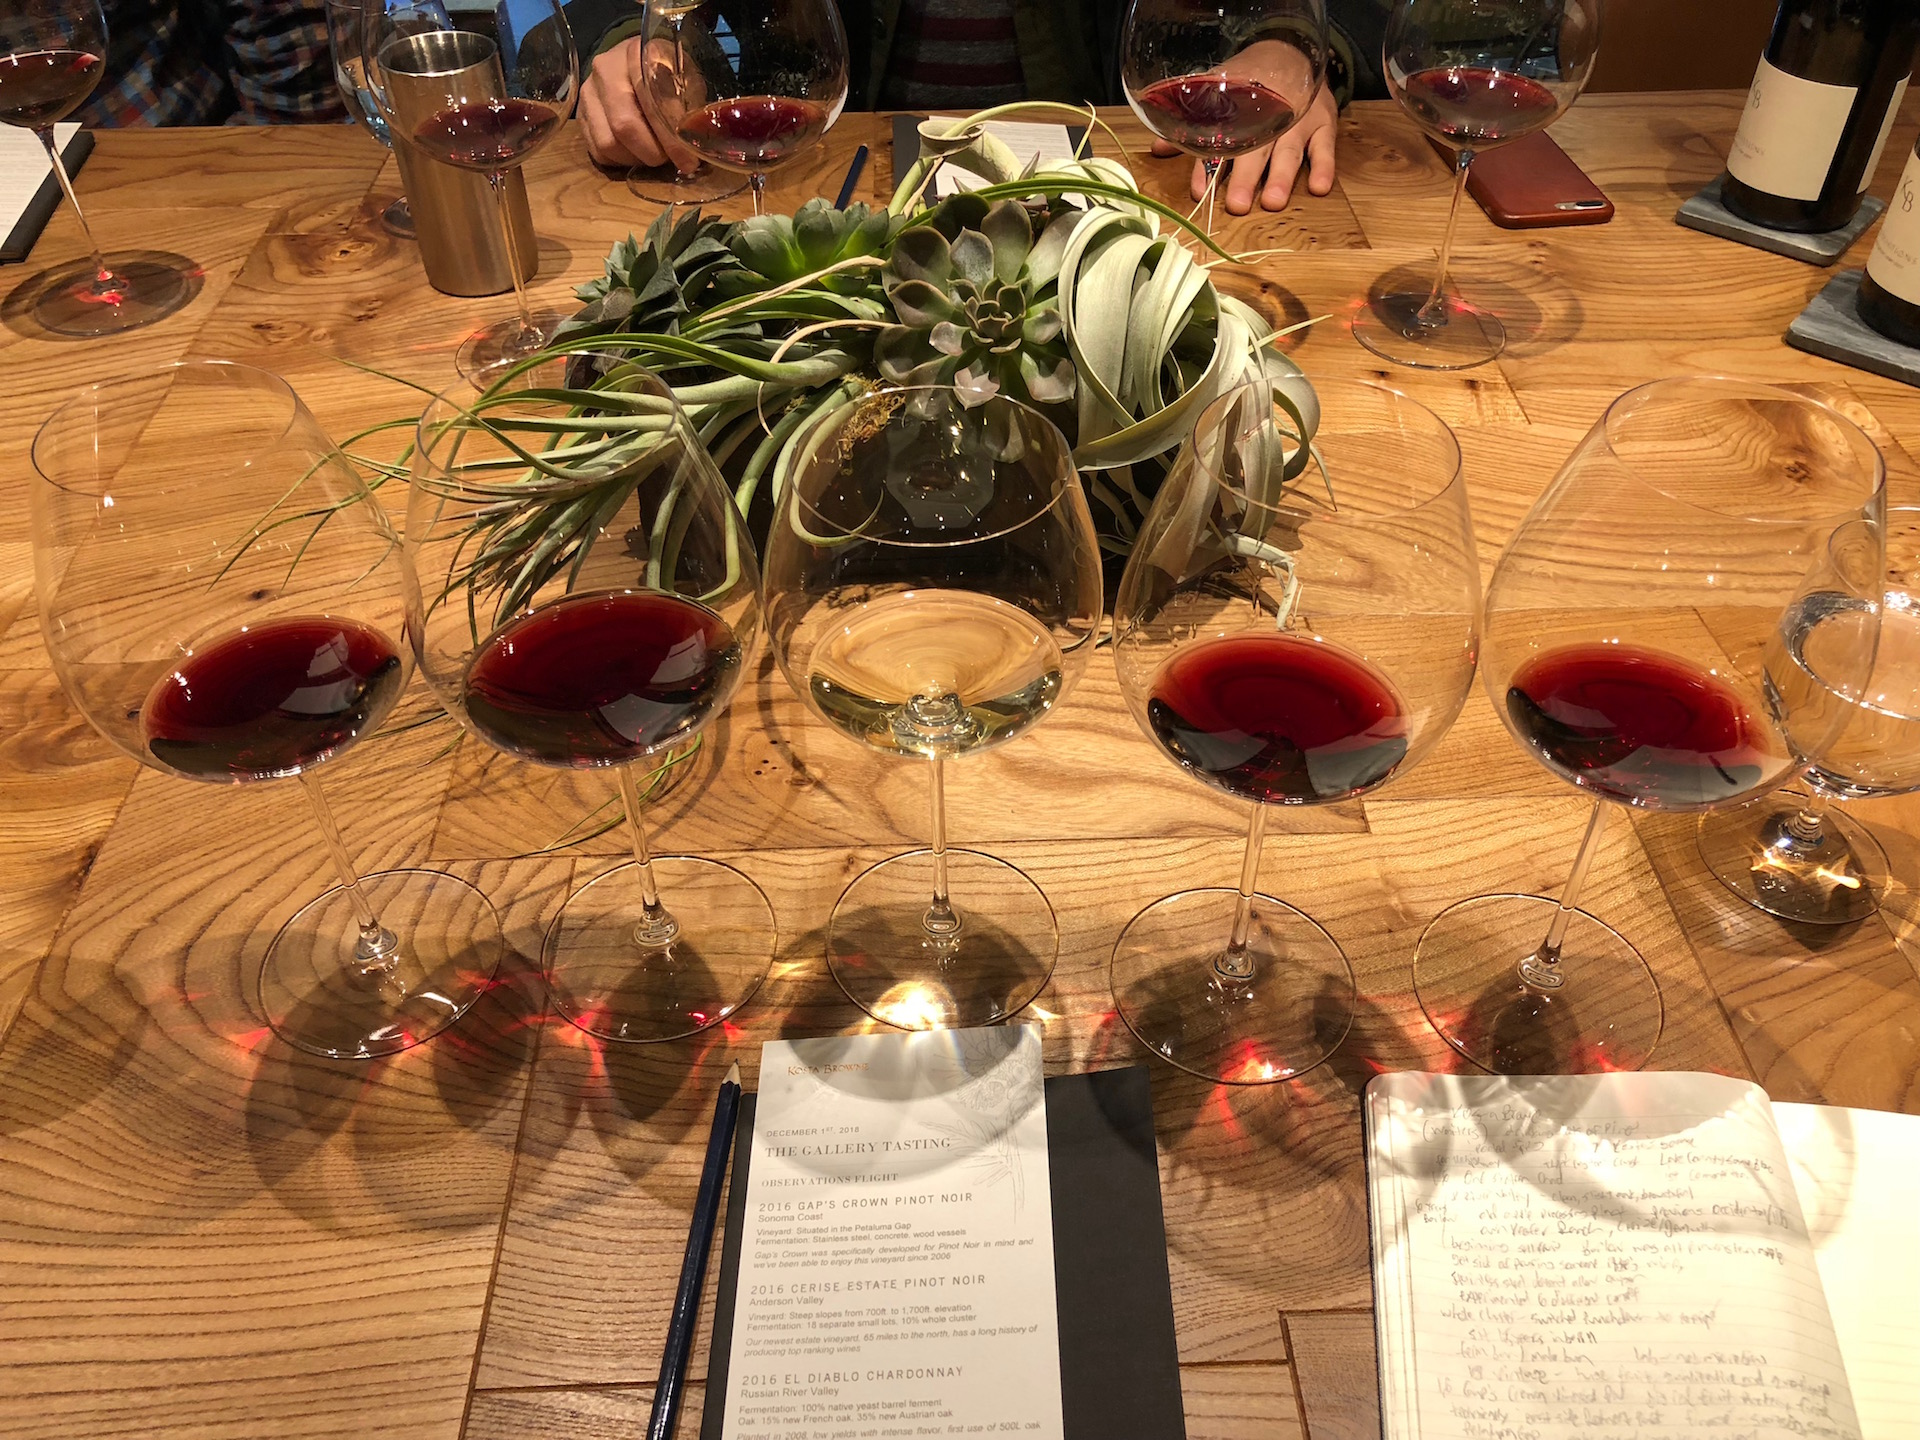 Tasting time at Kosta Browne Winery in Sebastopol